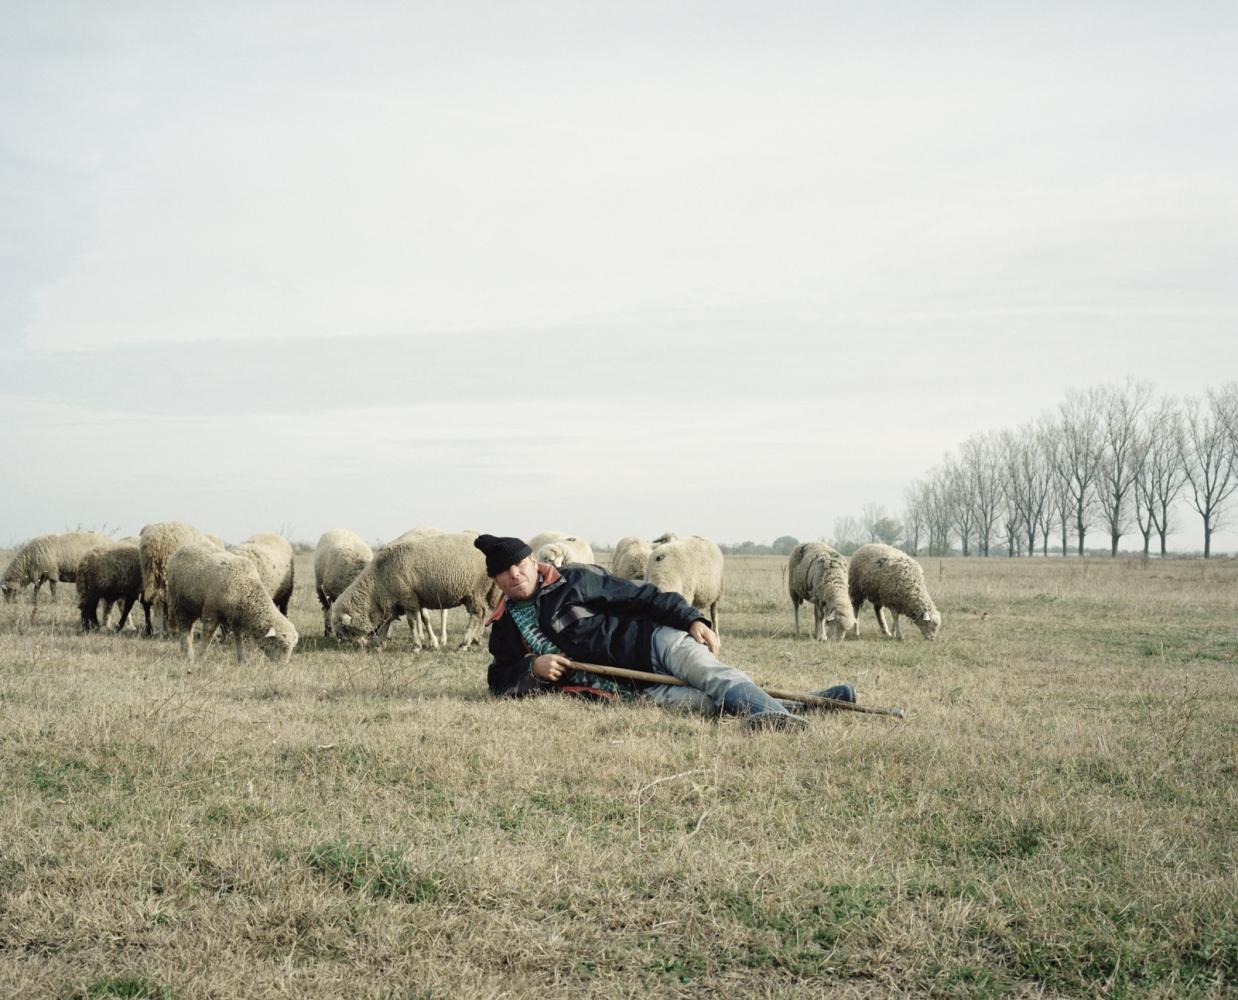 Romania, Calarasi. A farmer with his sheep.